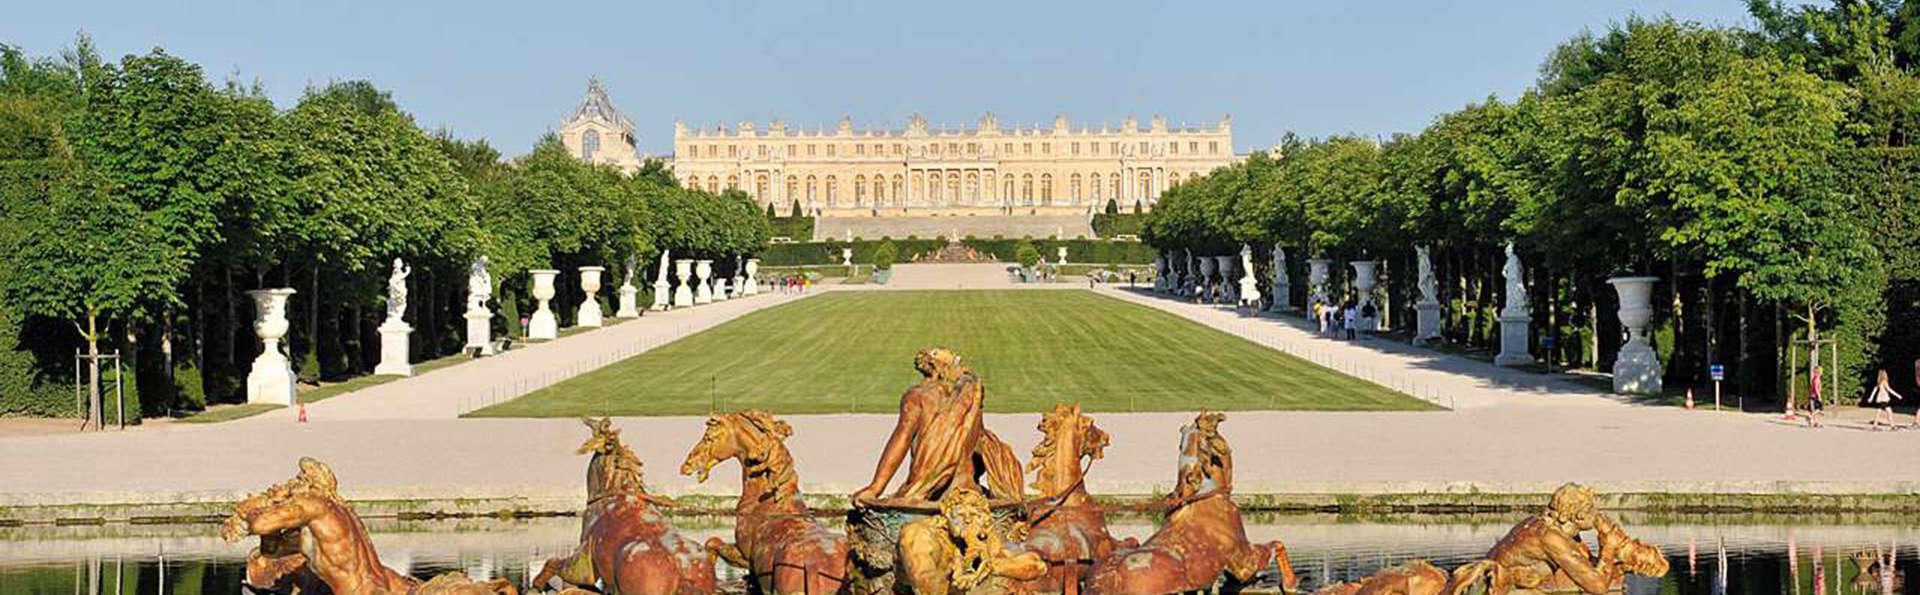 Escapada descubrimiento del palacio de Versalles (Abono de 2 días)